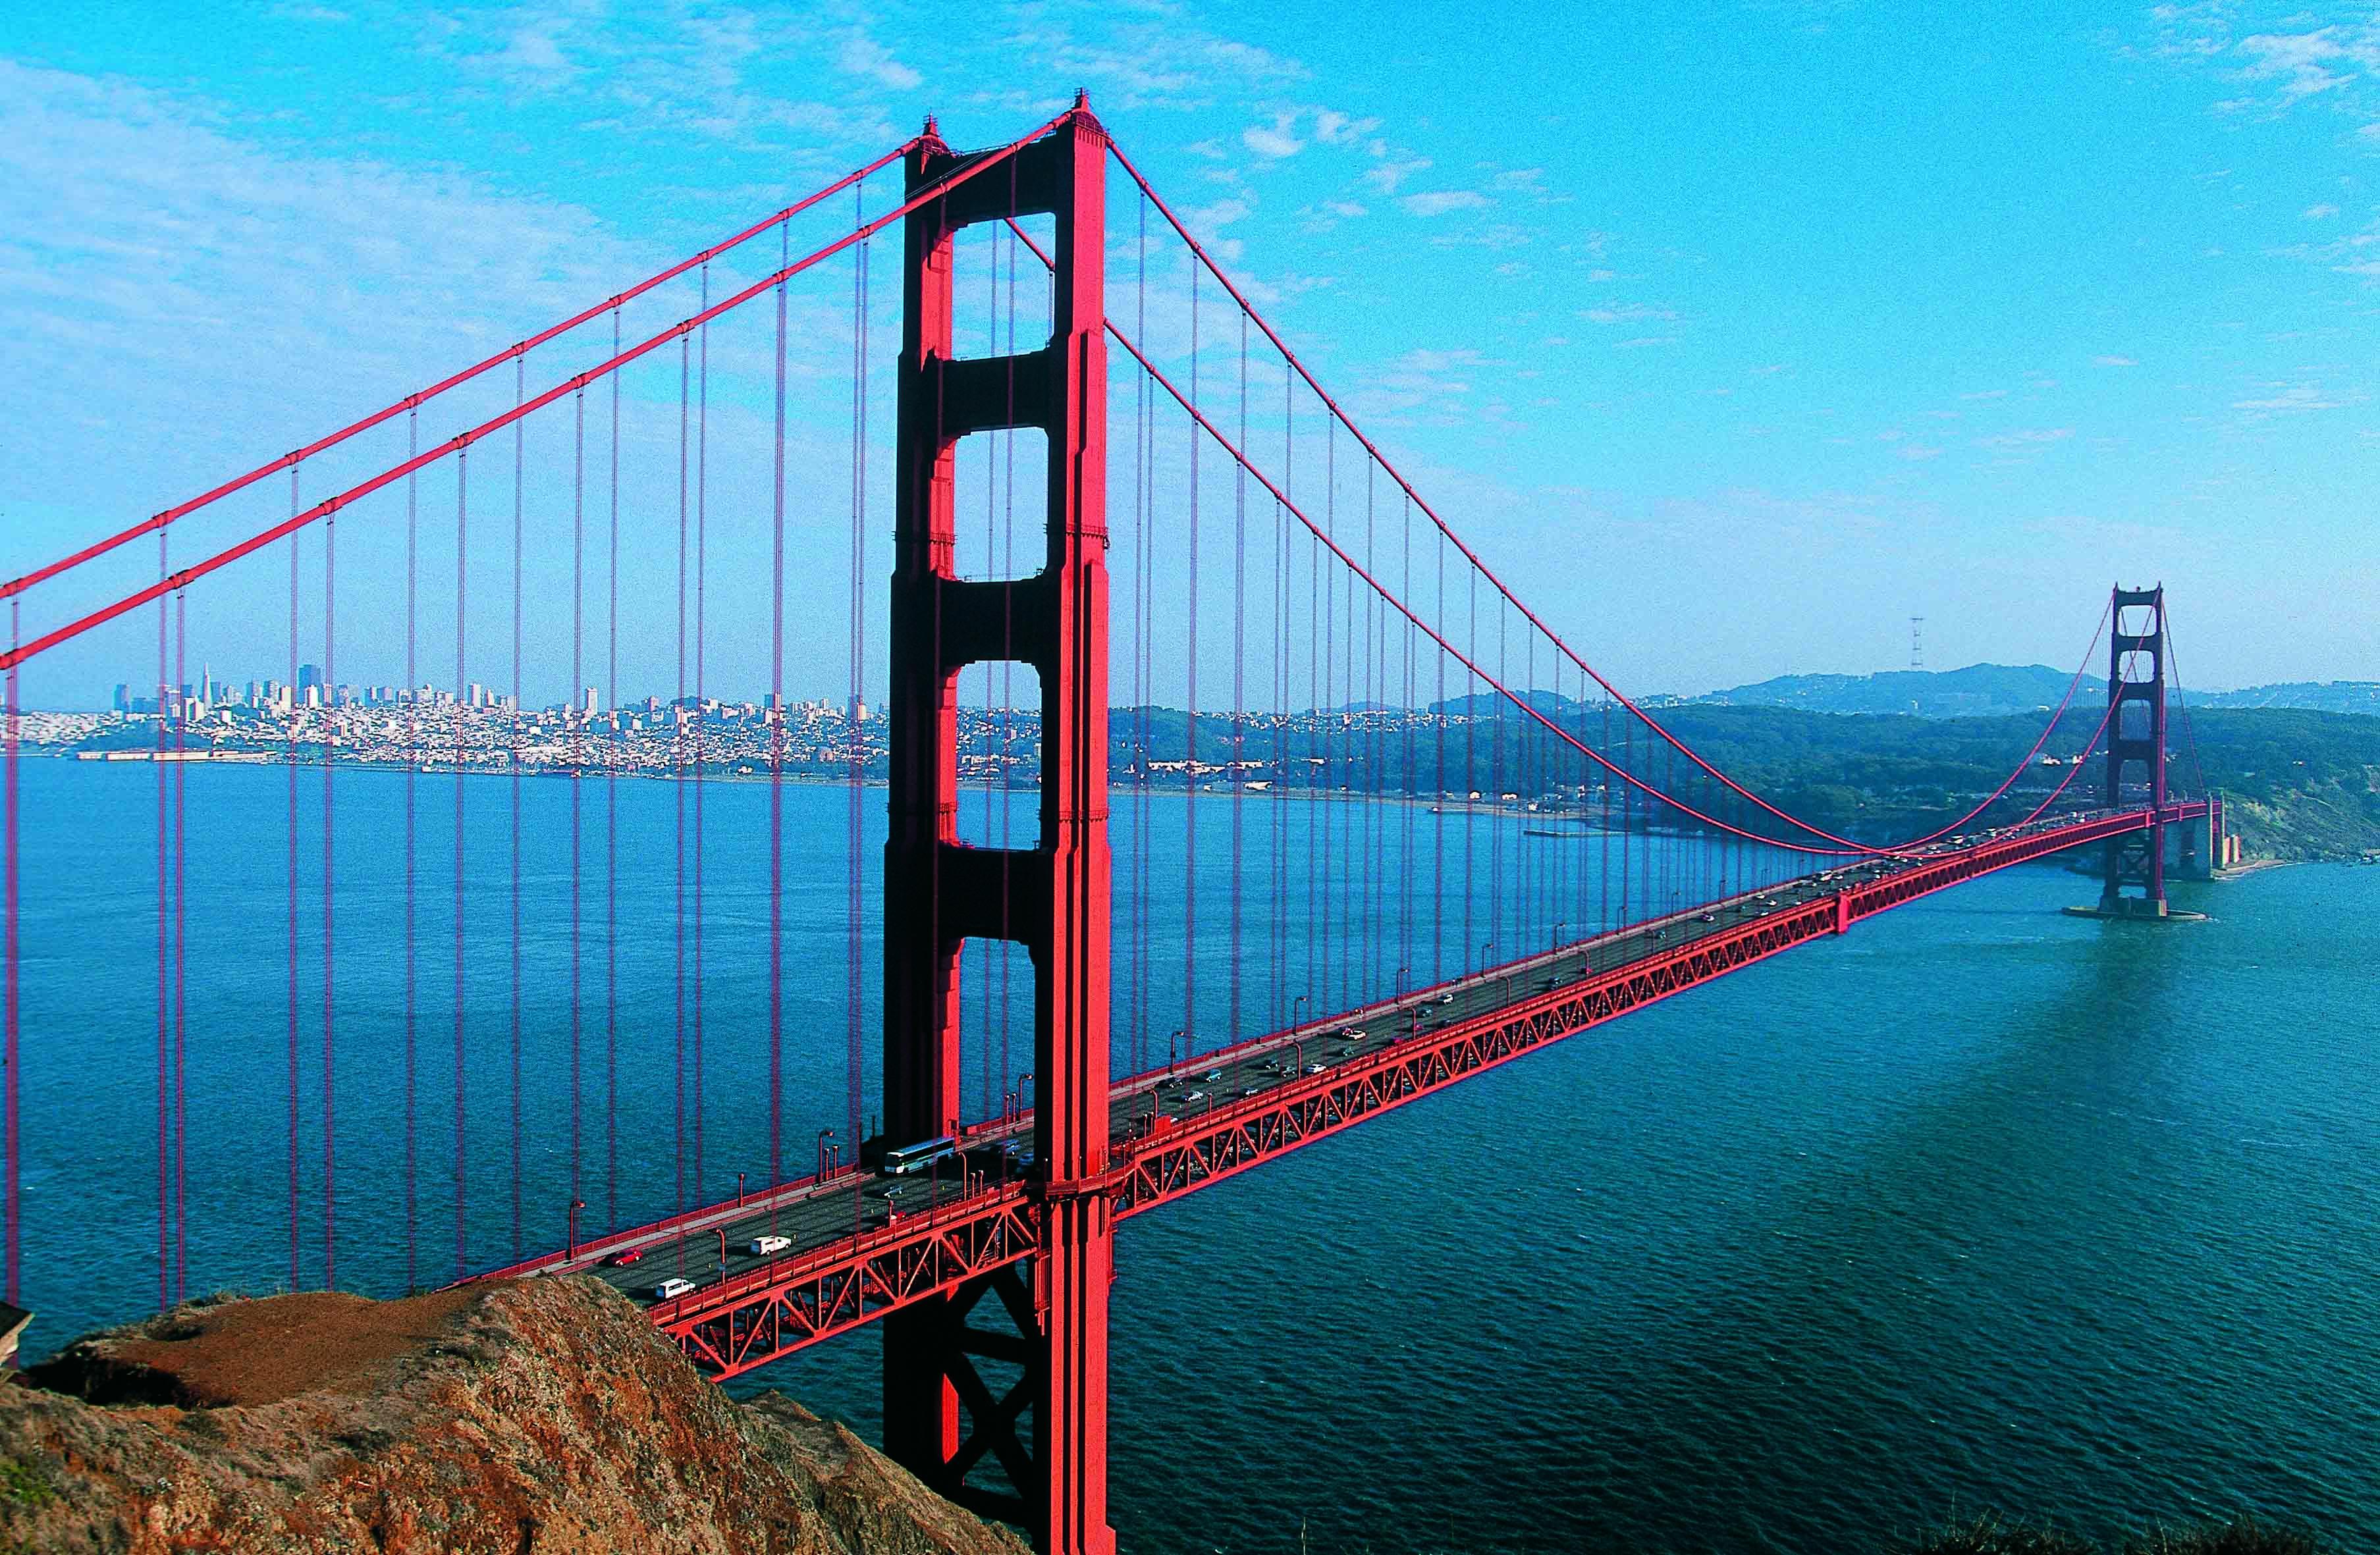 Golden gate bridge USA wallpaper travel and world Wallpaper